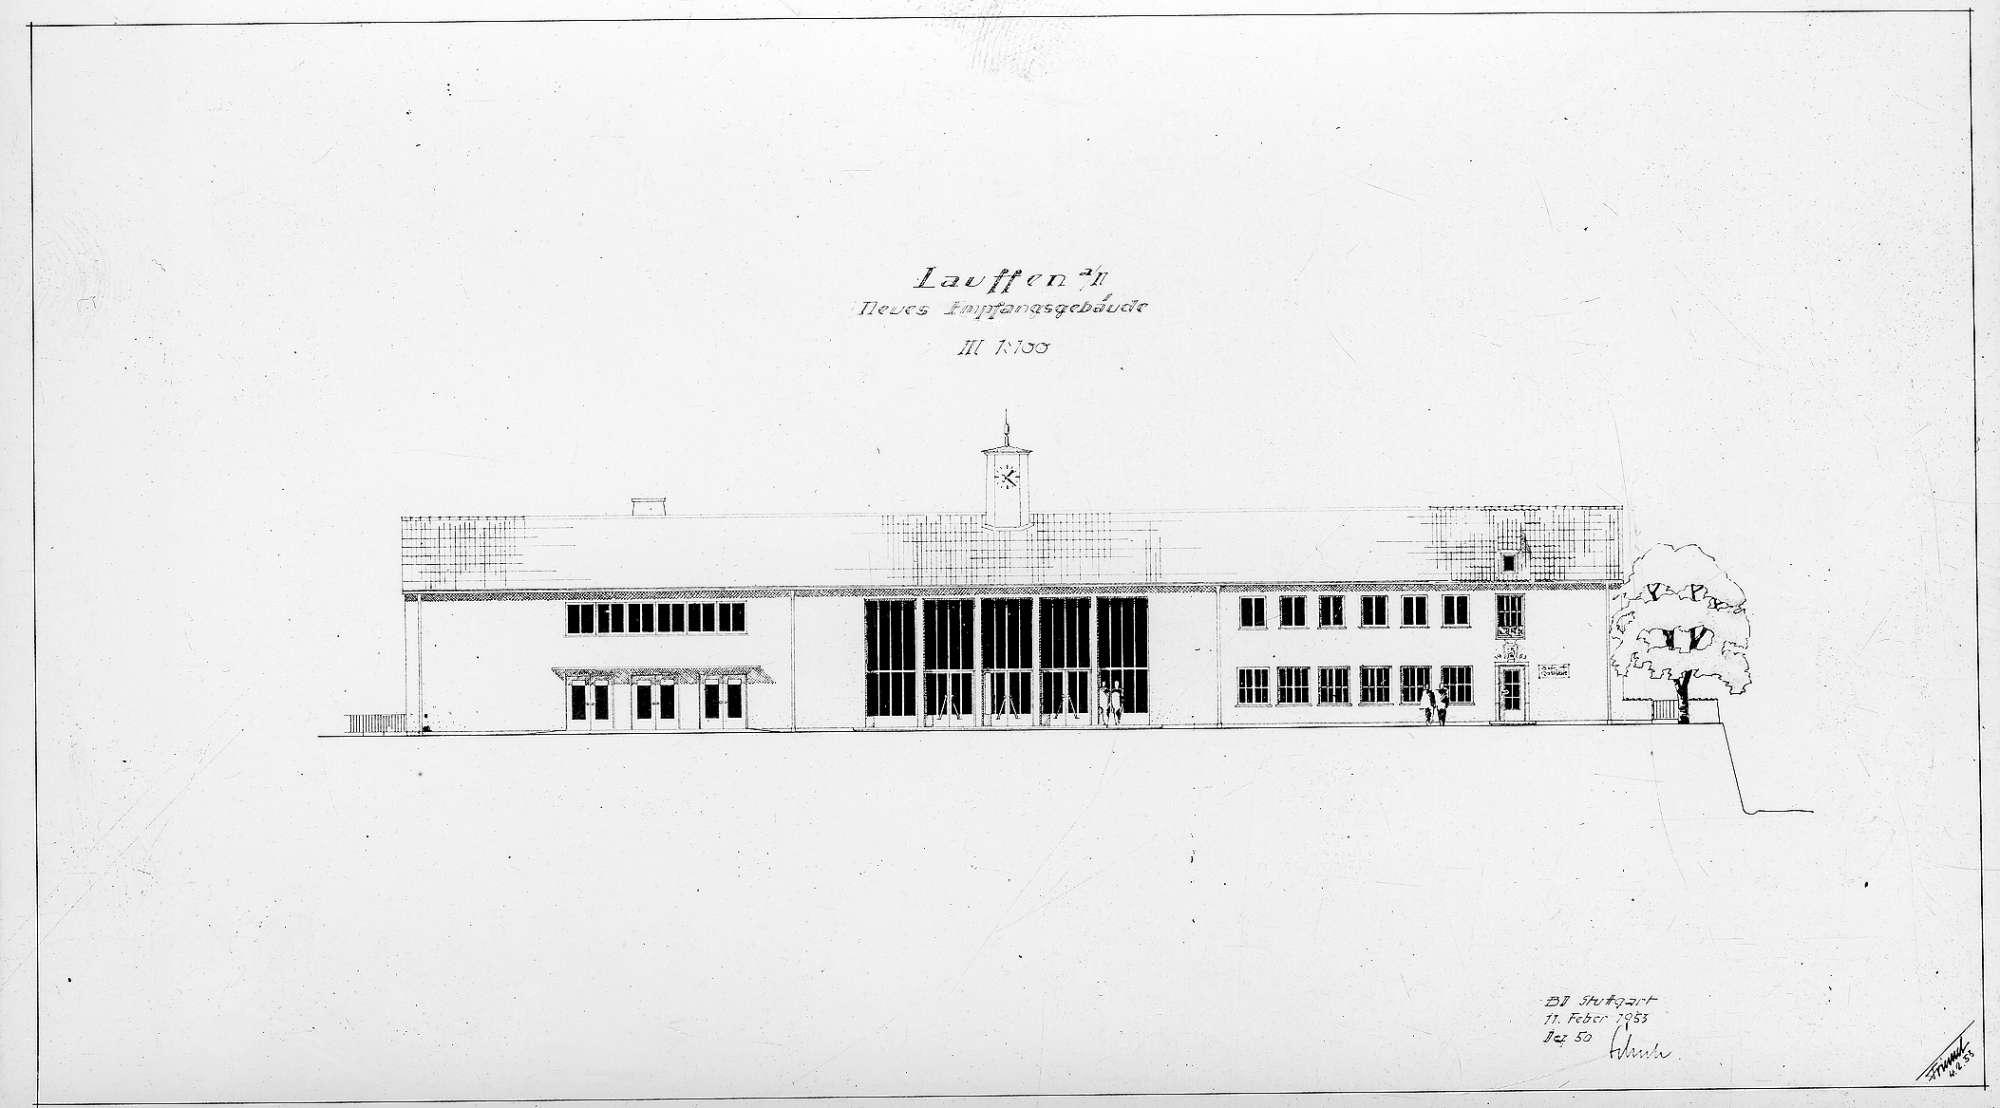 Lauffen am Neckar, neues Empfangsgebäude (Grundriss, Ansicht), Abb. c